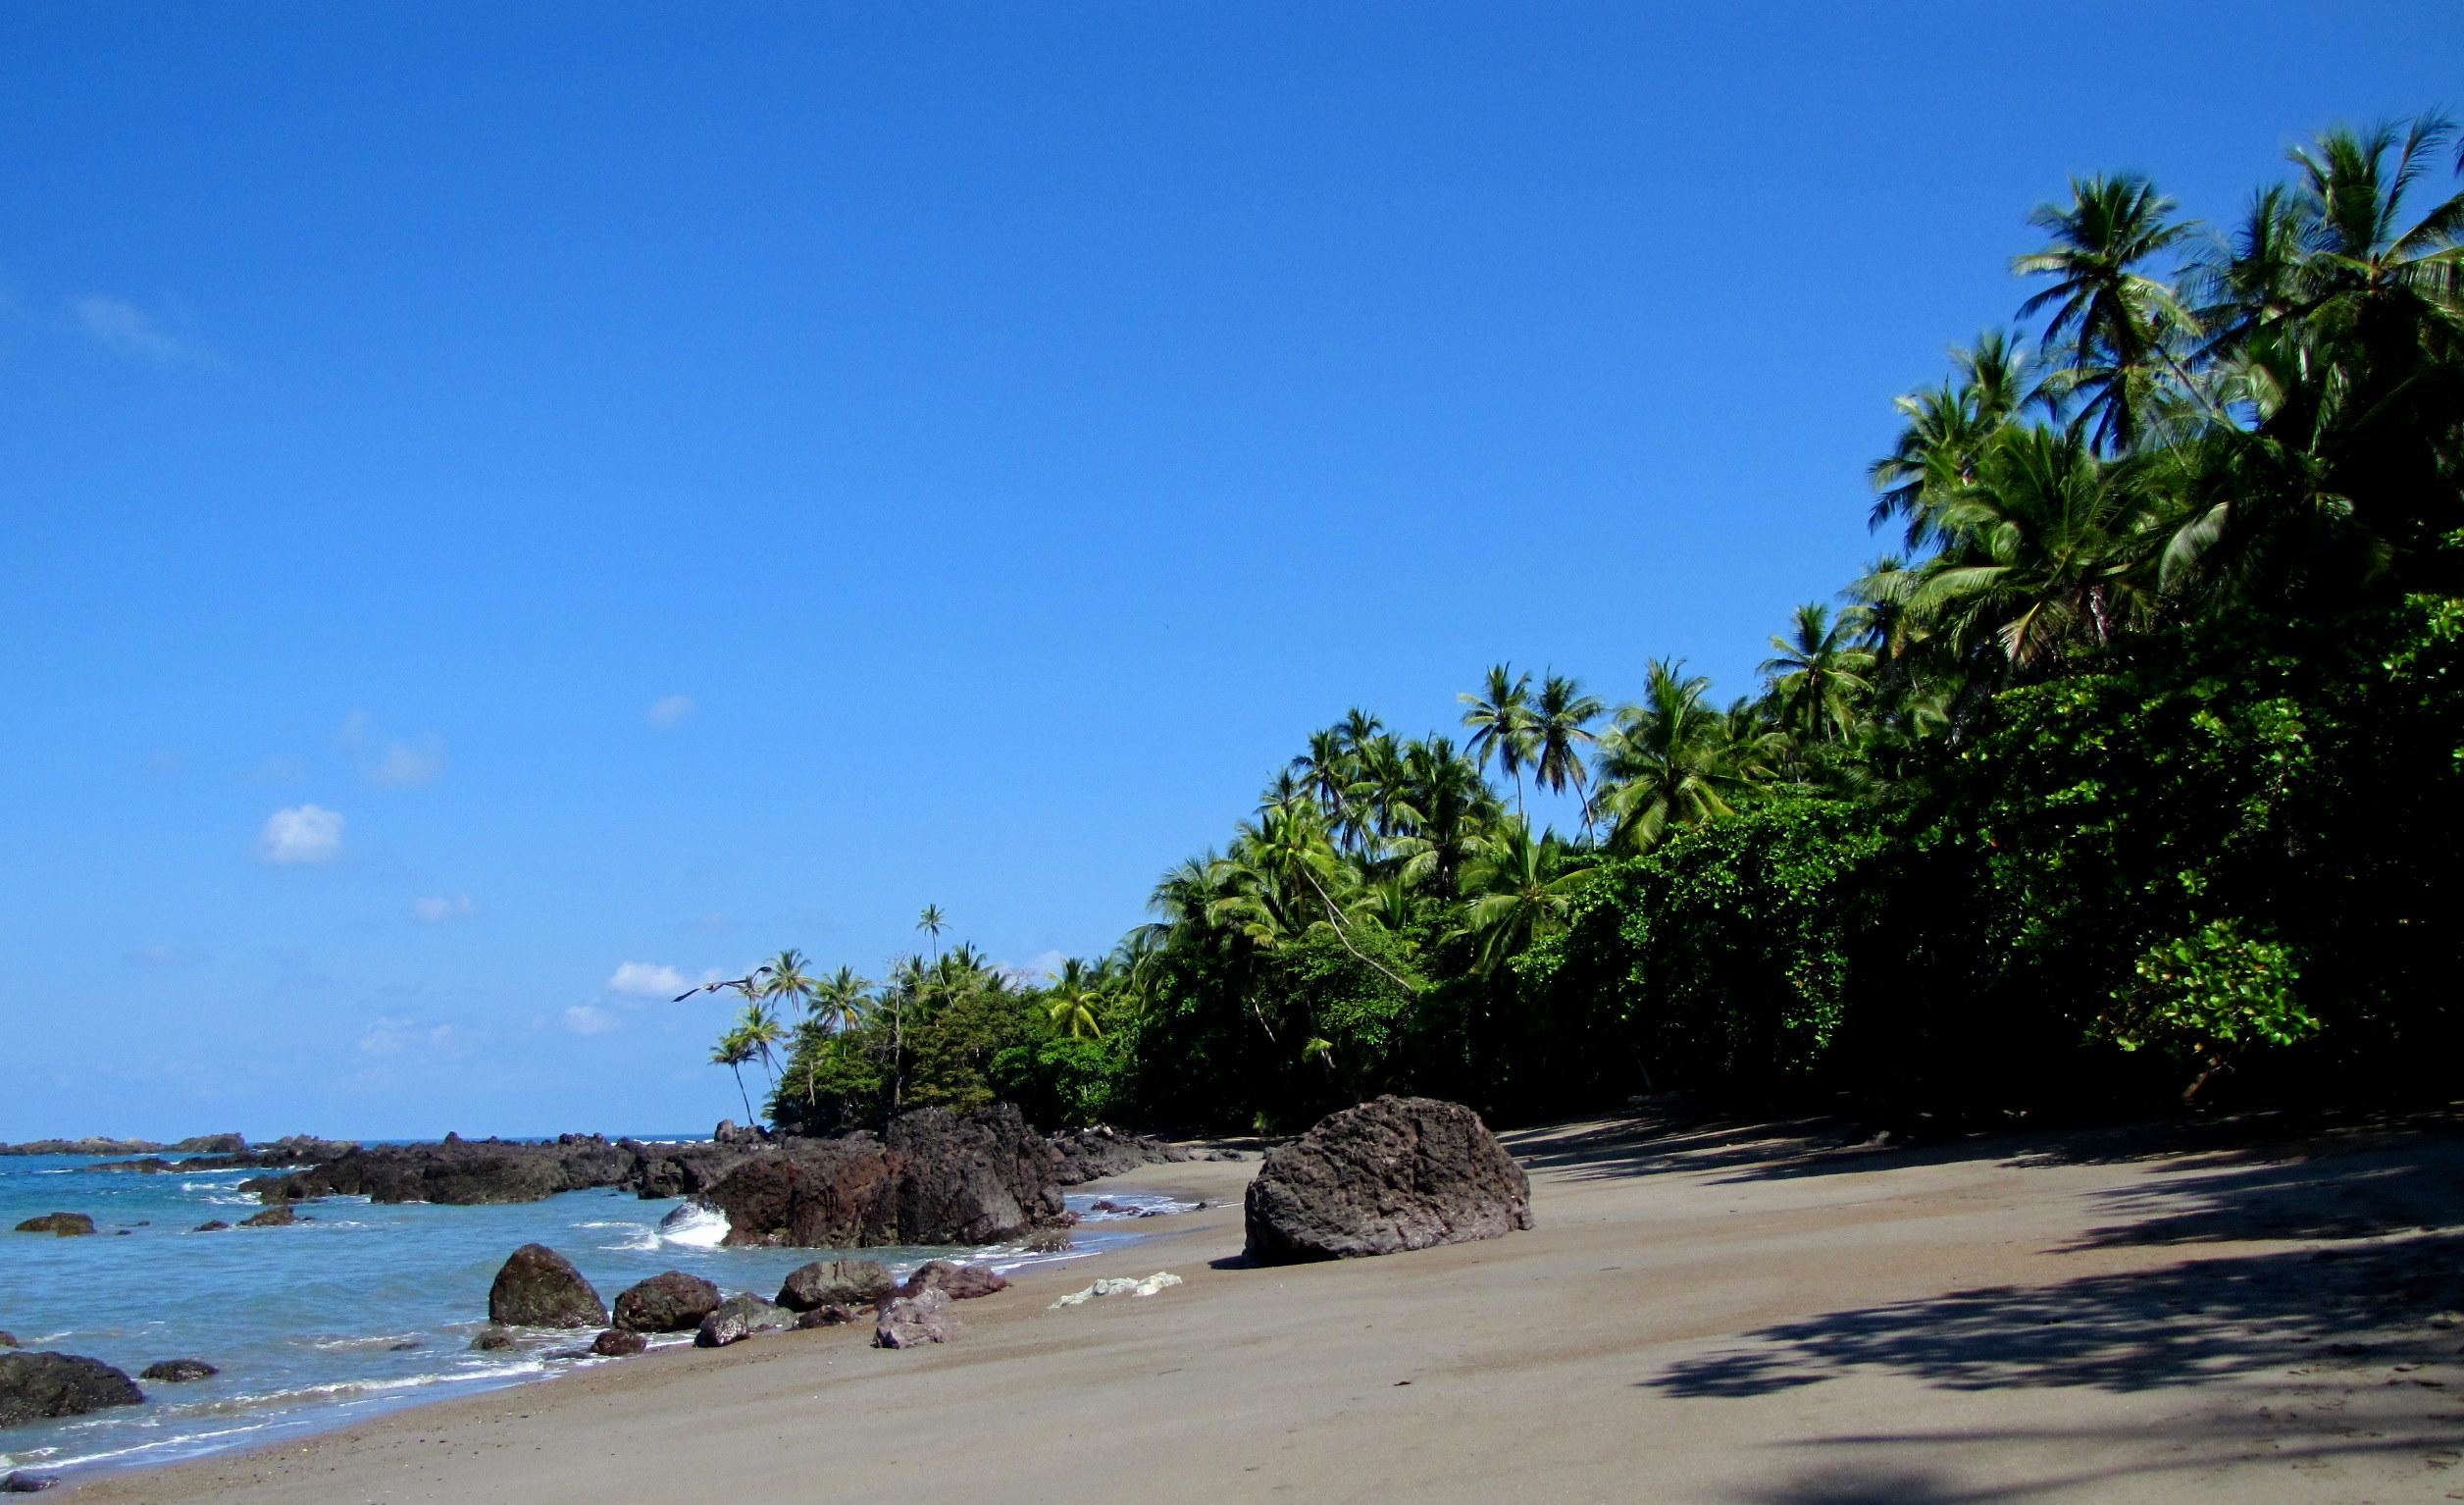 Trovare Lavoro In Costa Rica parco nazionale del corcovado (costa rica) - wikipedia